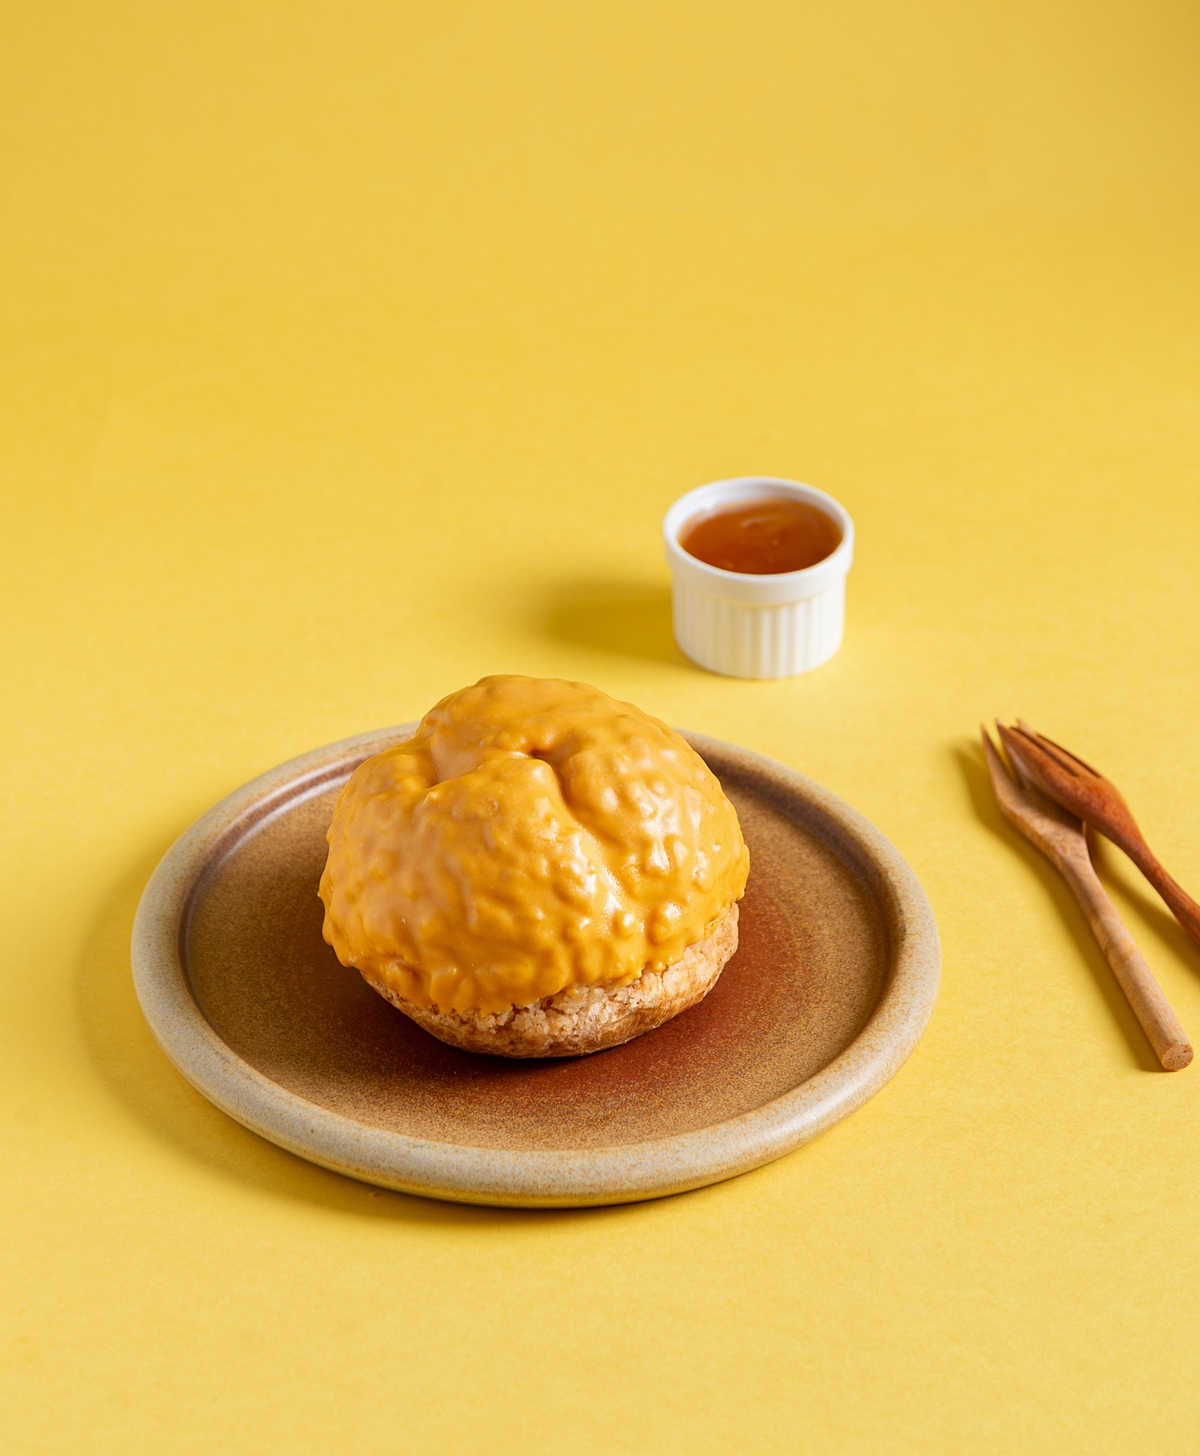 PABLO X全家首度聯名7款新品  起司控必吃「杏桃乳酪舒芙蕾、杏桃蕾雅泡芙、起司奶茶」